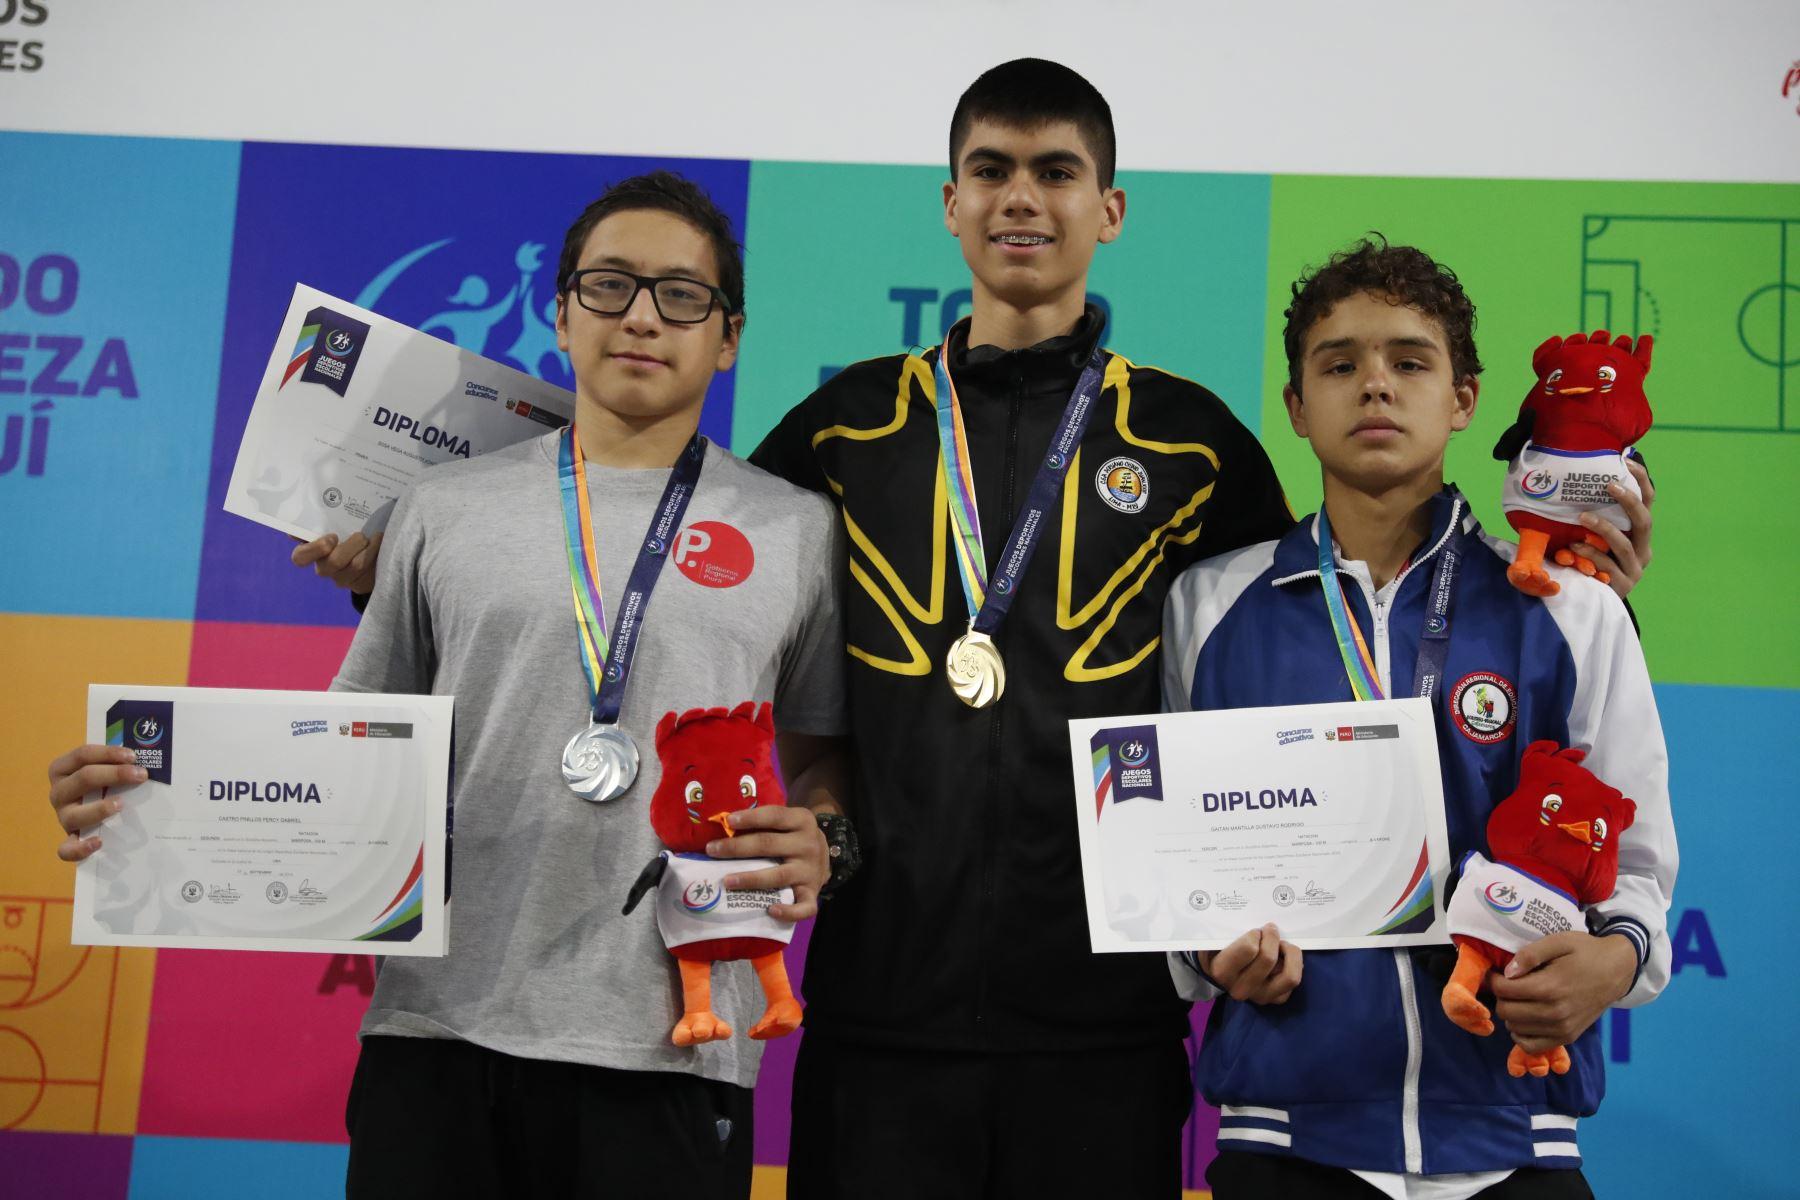 Joaquin Sosa gana la medalla de oro estilo mariposa durante los Juegos Deportivos Escolares Nacionales en el Centro Acuático de la Videna.Foto: ANDINA/ Carlos Lezama